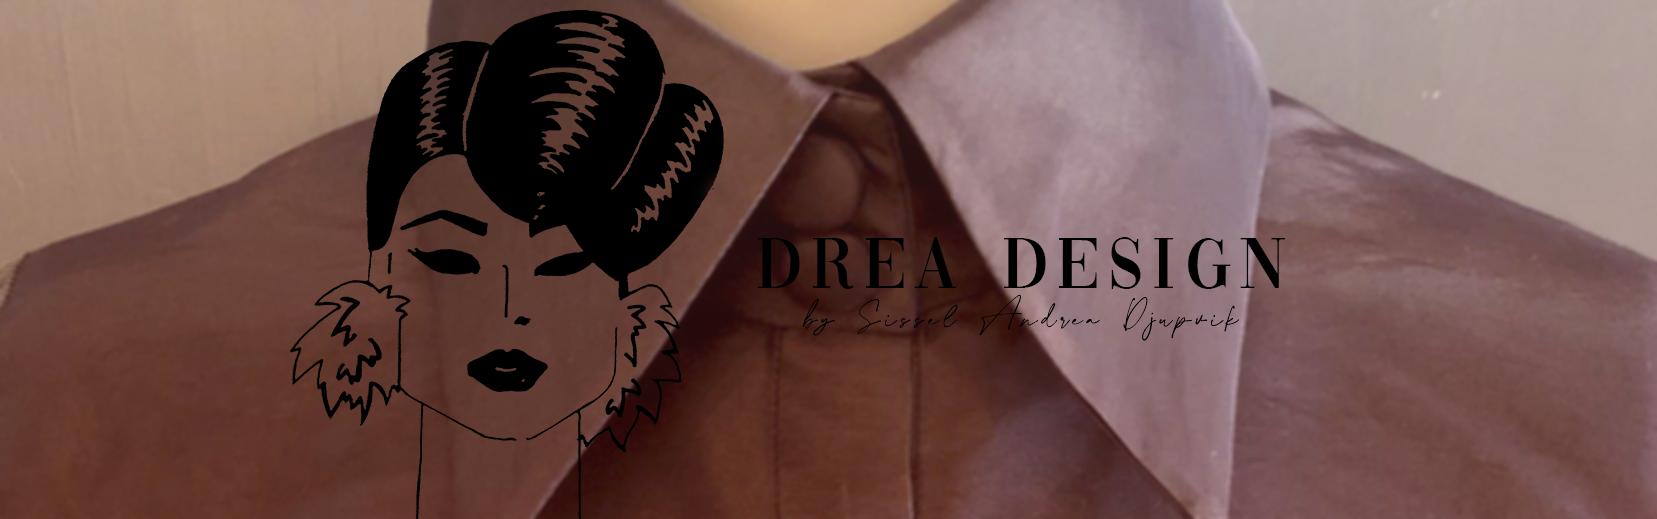 Drea Design